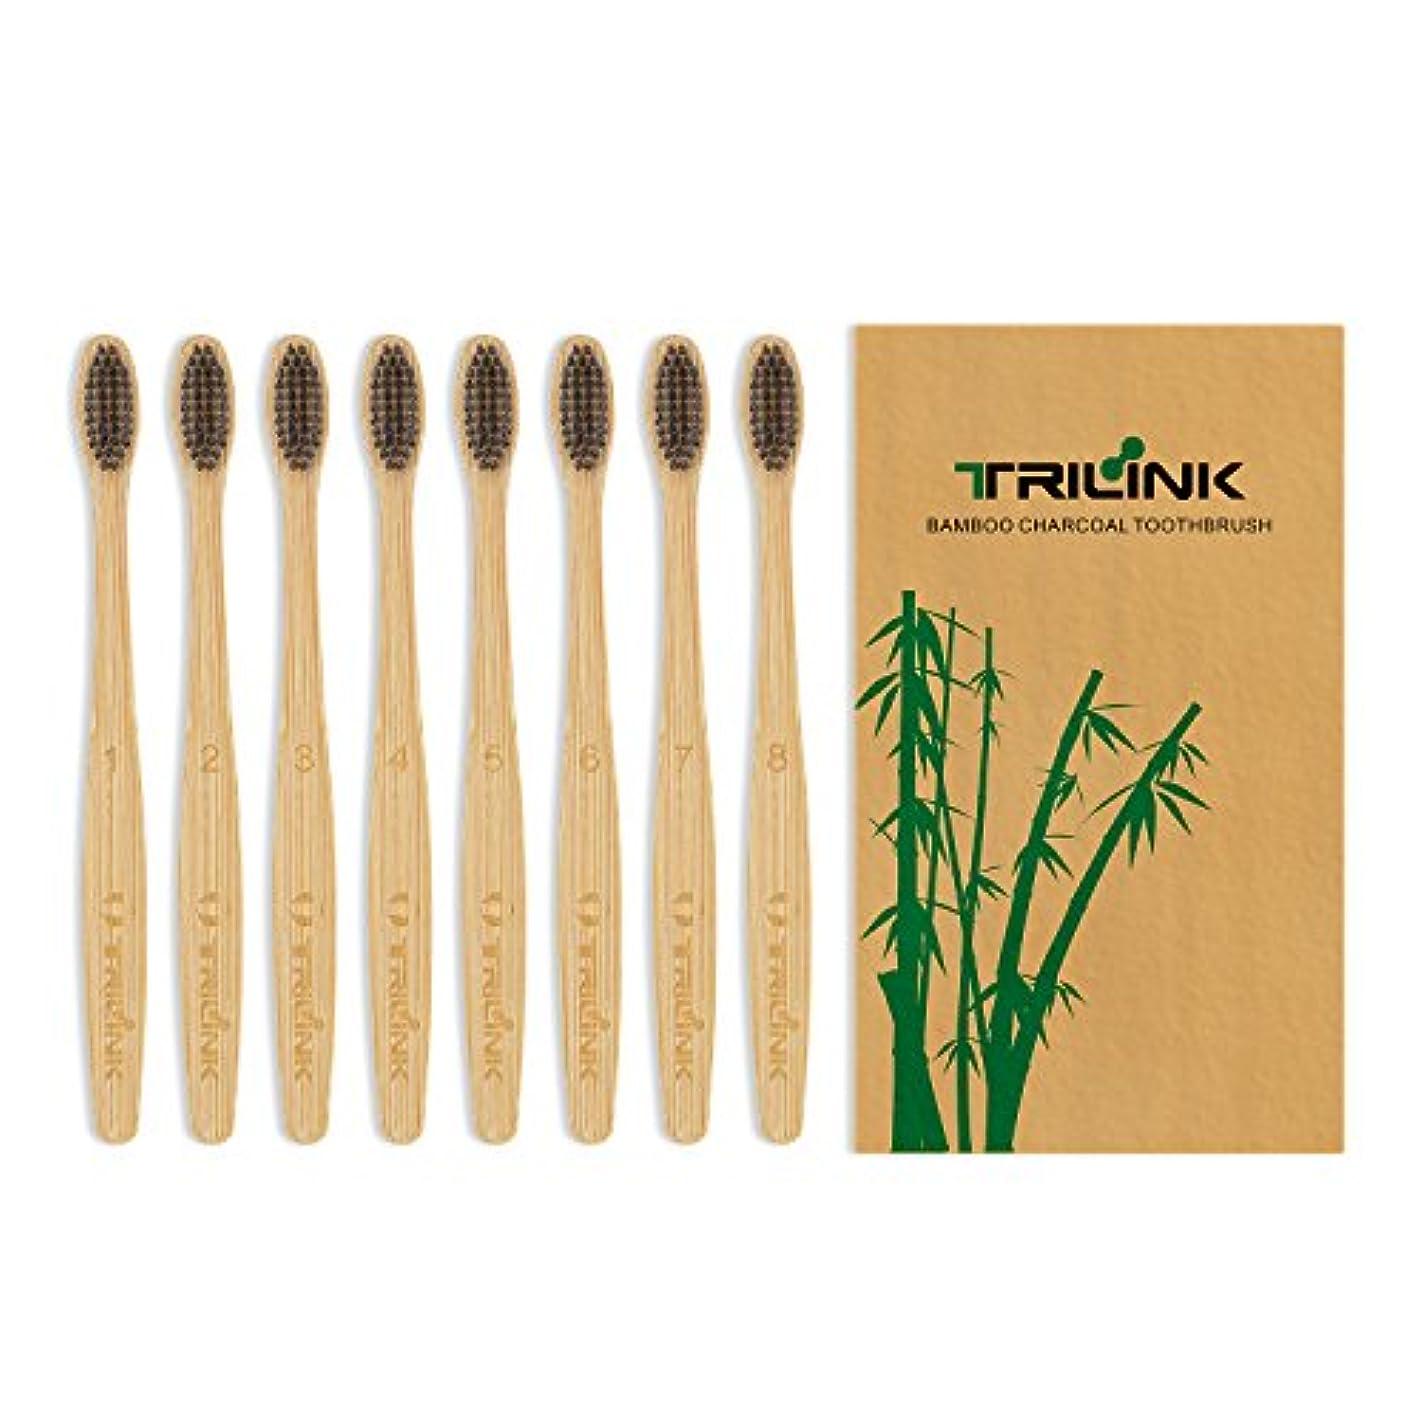 派生する最後に上下する大人用竹の歯ブラシ(8本) 環境保護 天然の柔らかい ハブラシ【 活性炭を注入】